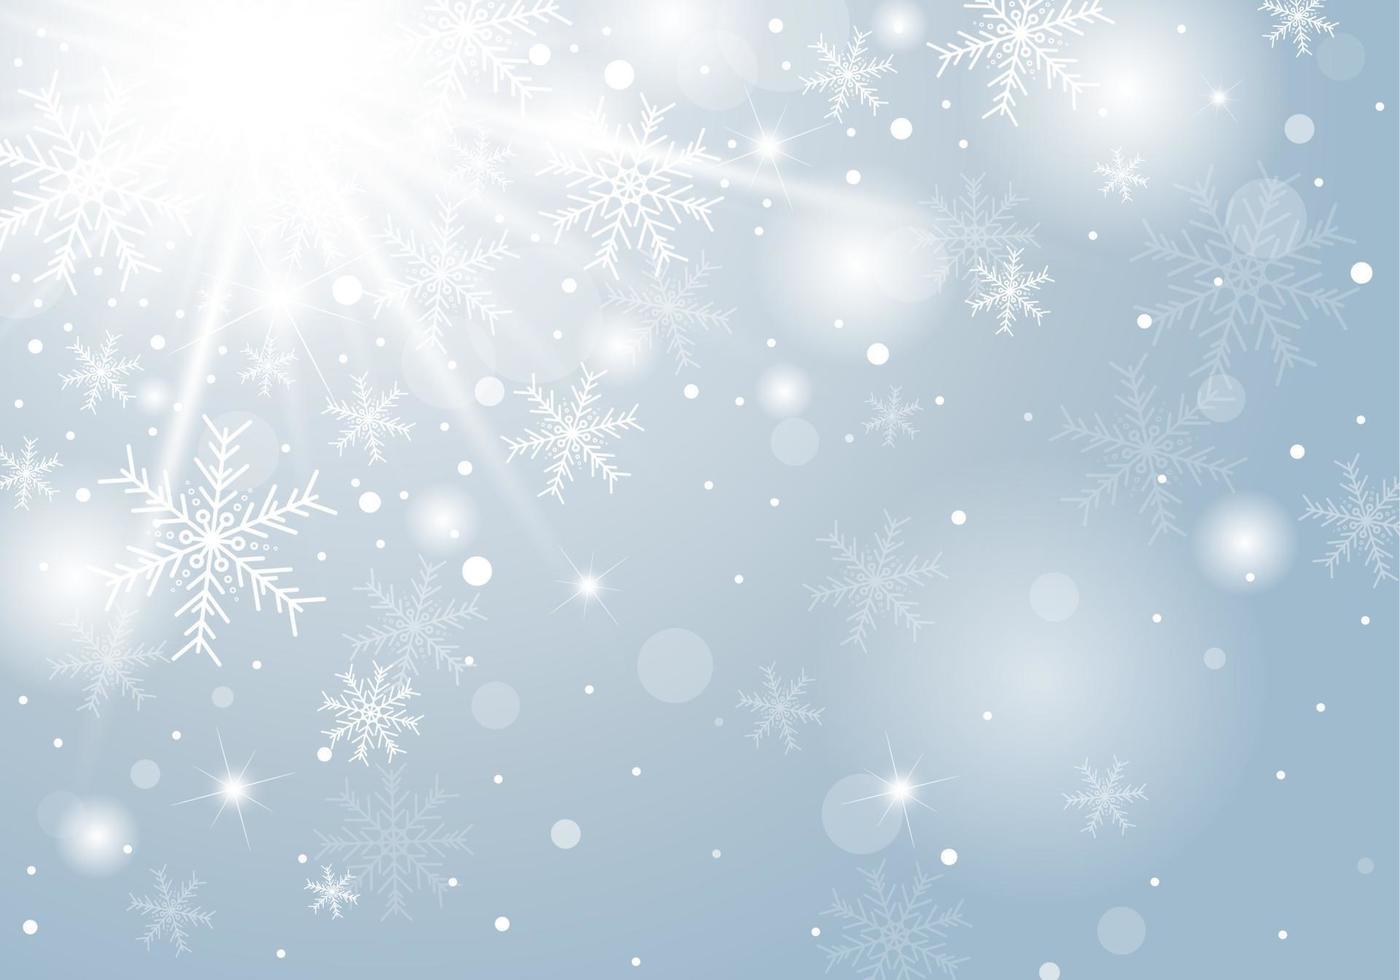 Projeto de conceito de fundo de Natal de floco de neve branco e neve no inverno com ilustração vetorial de cópia espaço vetor